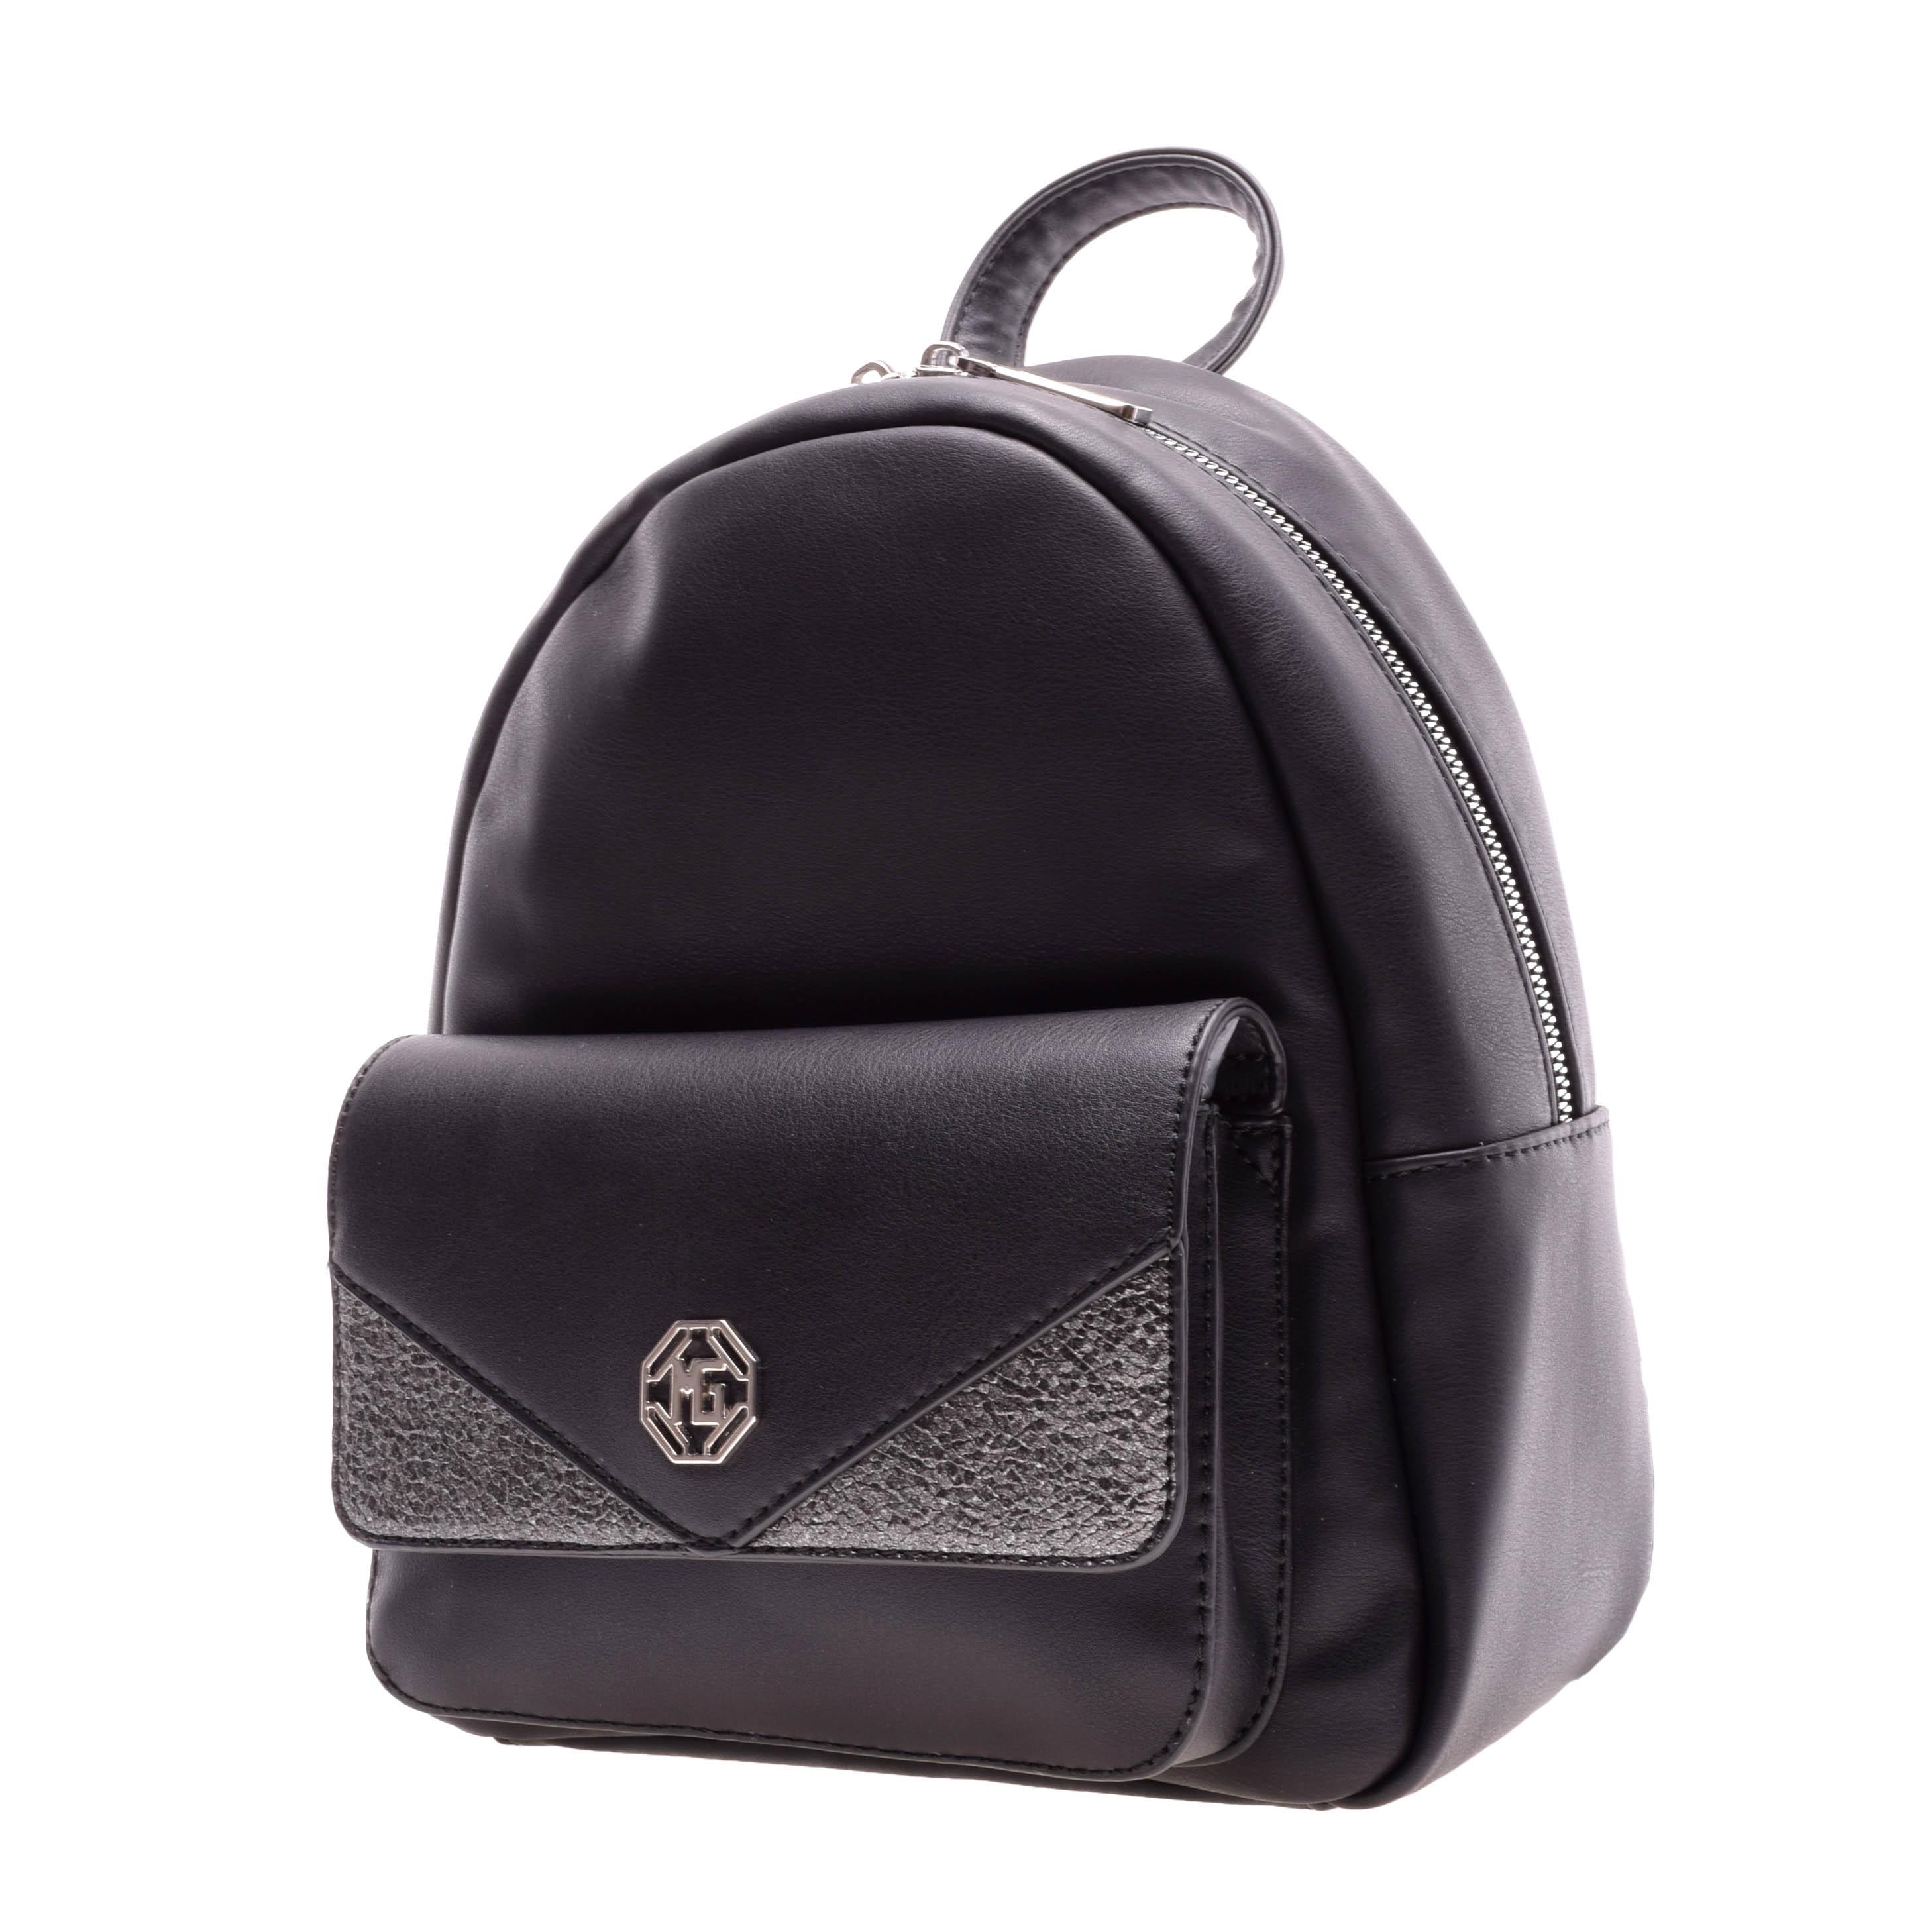 Marina Galanti Női Fekete Rostbőr Hátizsák - Műbőr - Táska webáruház -  Minőségi táskák mindenkinek 734ee6c7a6